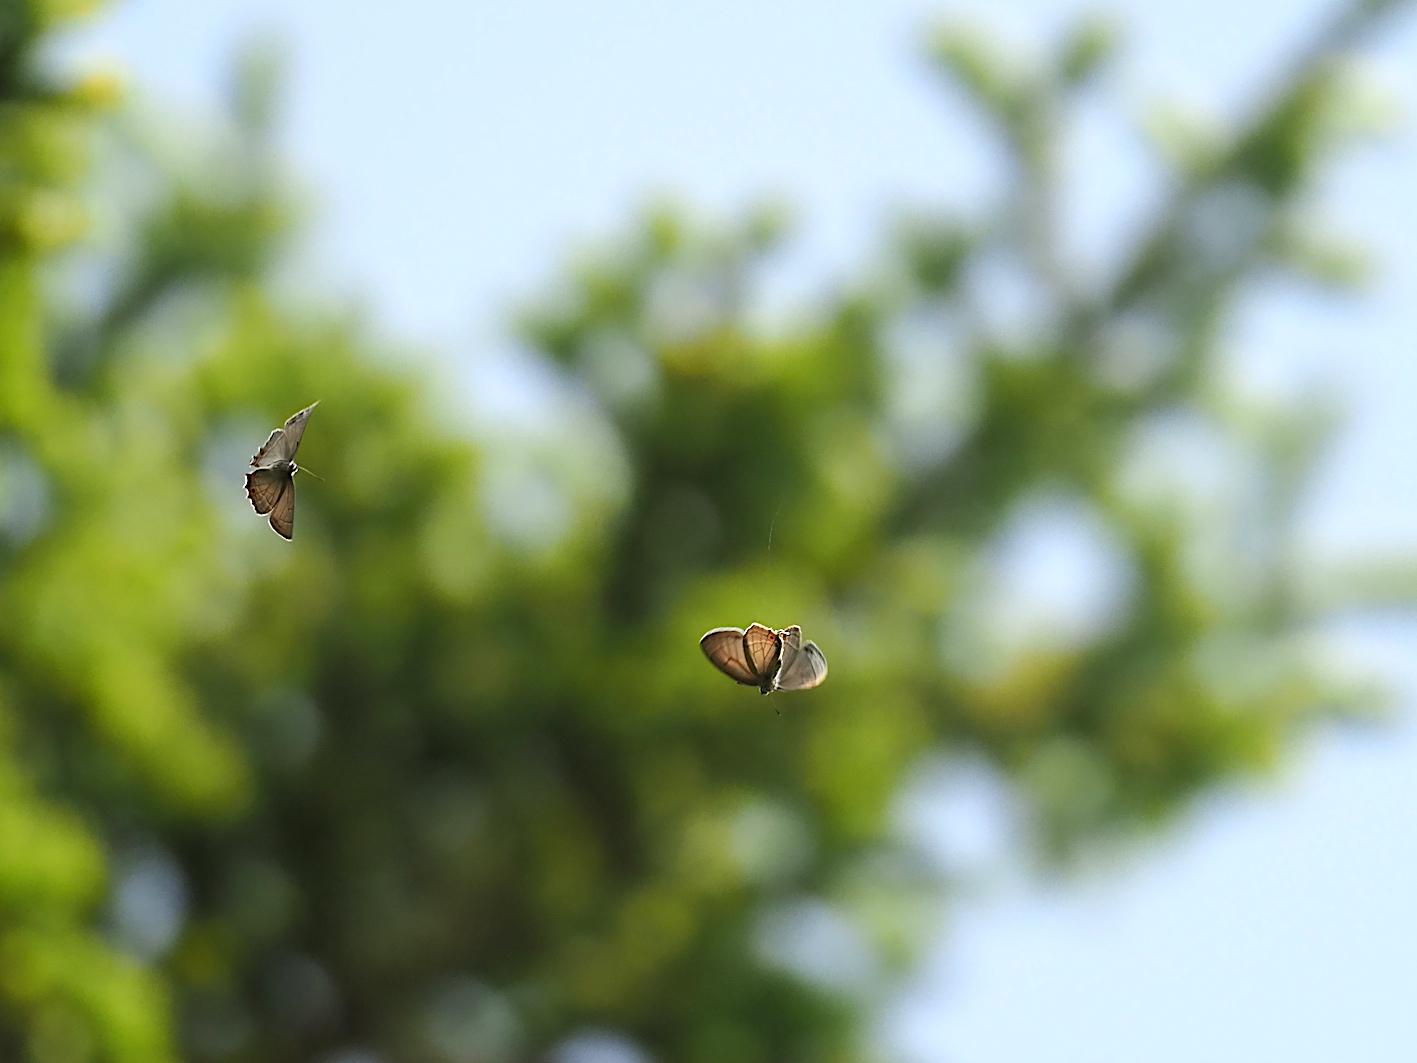 オオミドリシジミの飛翔シーン(2019年6月11日)_d0303129_7252329.jpg